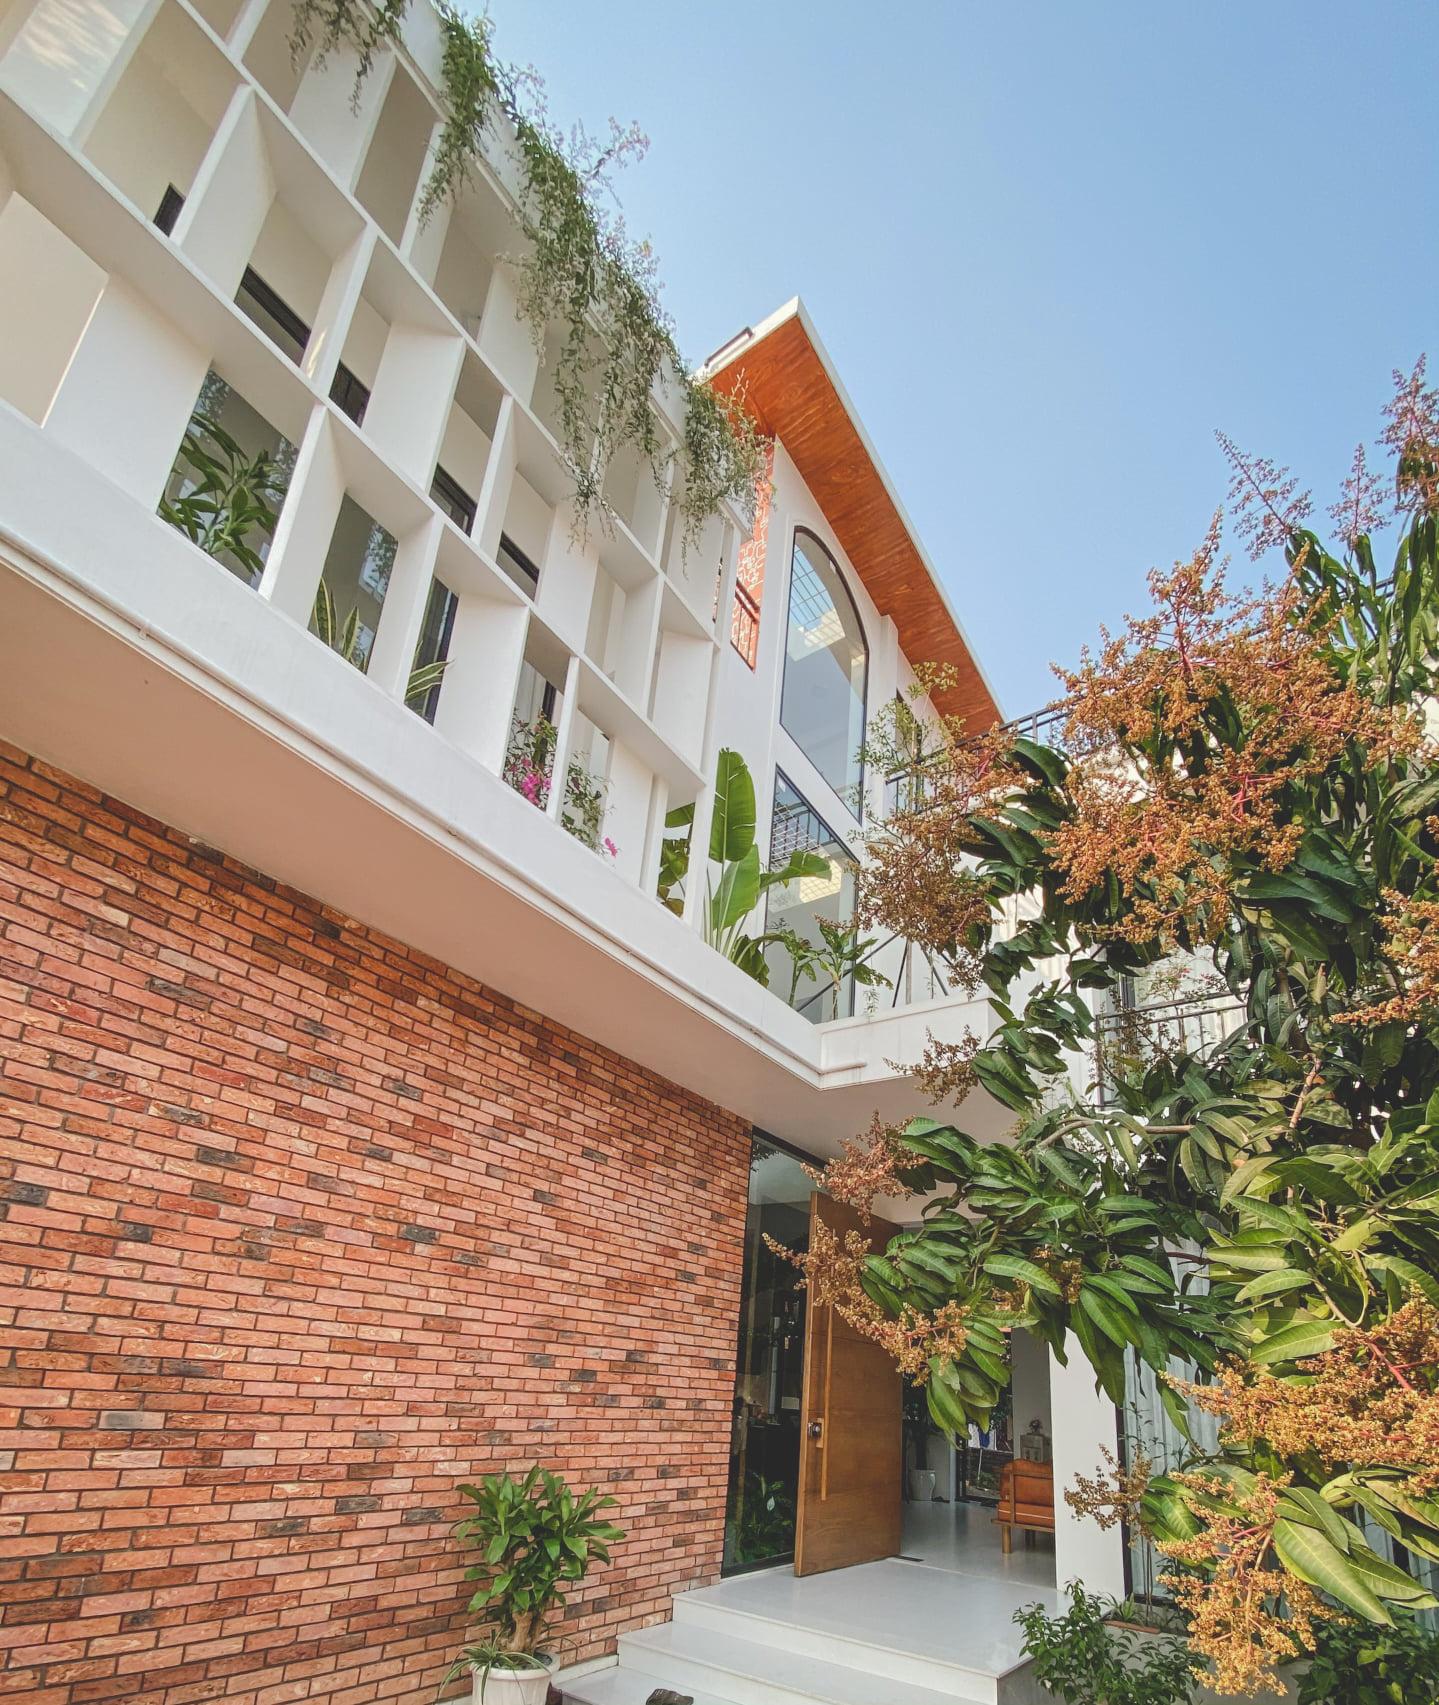 Ngôi nhà đẹp tựa 'nàng thơ' được 'bảo bọc' bởi thiên nhiên xanh ngắt giữa làng cổ Đường Lâm - Ảnh 3